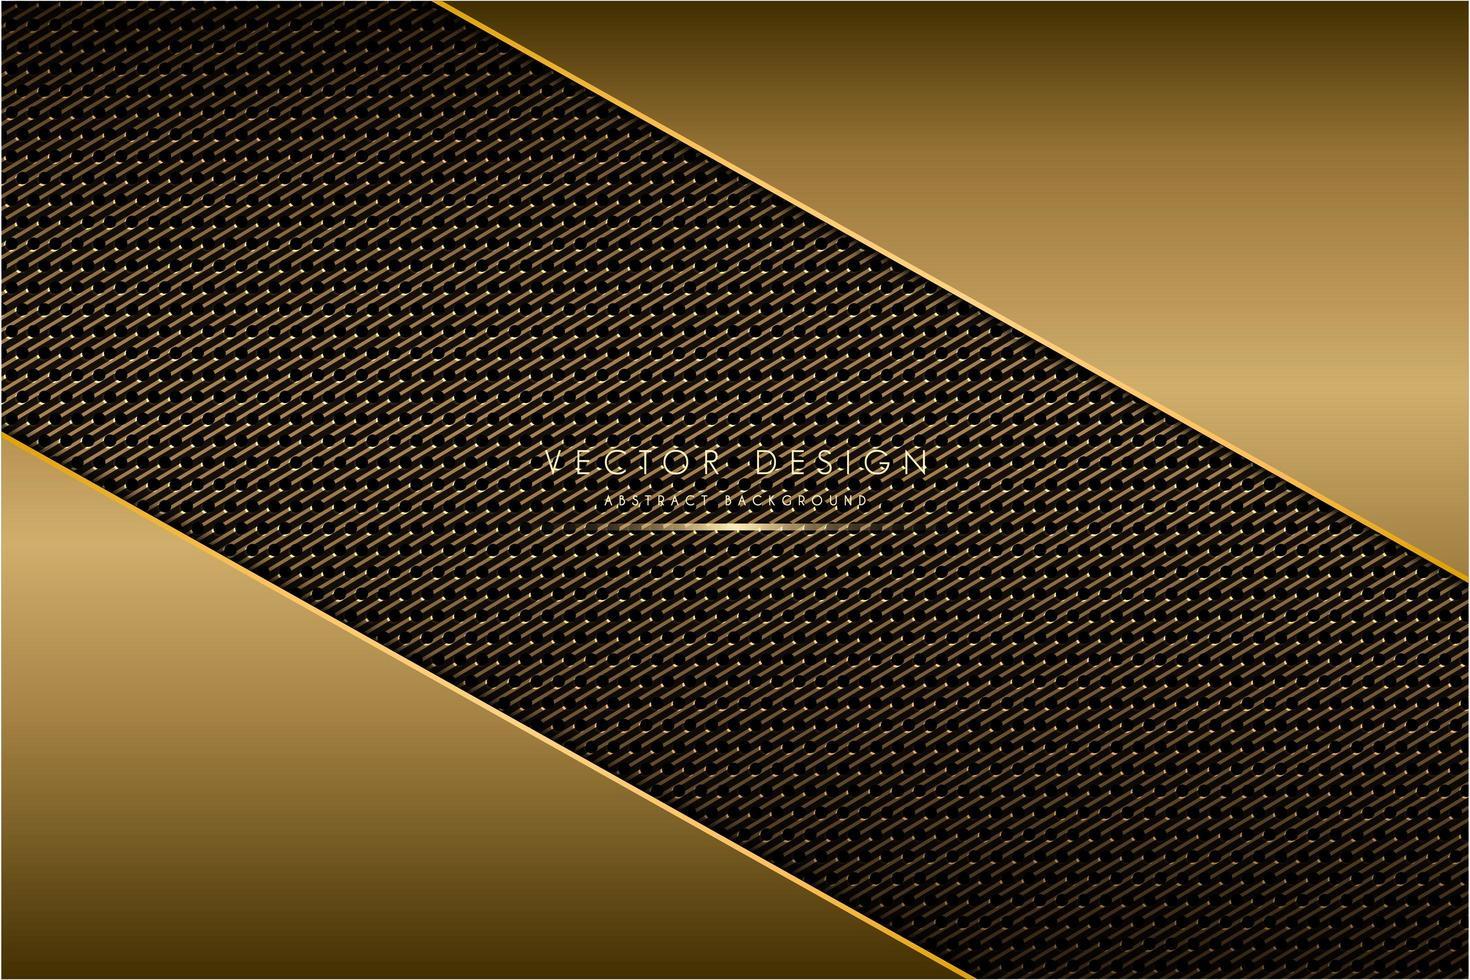 piastre angolate metalliche con trama in fibra di carbonio vettore